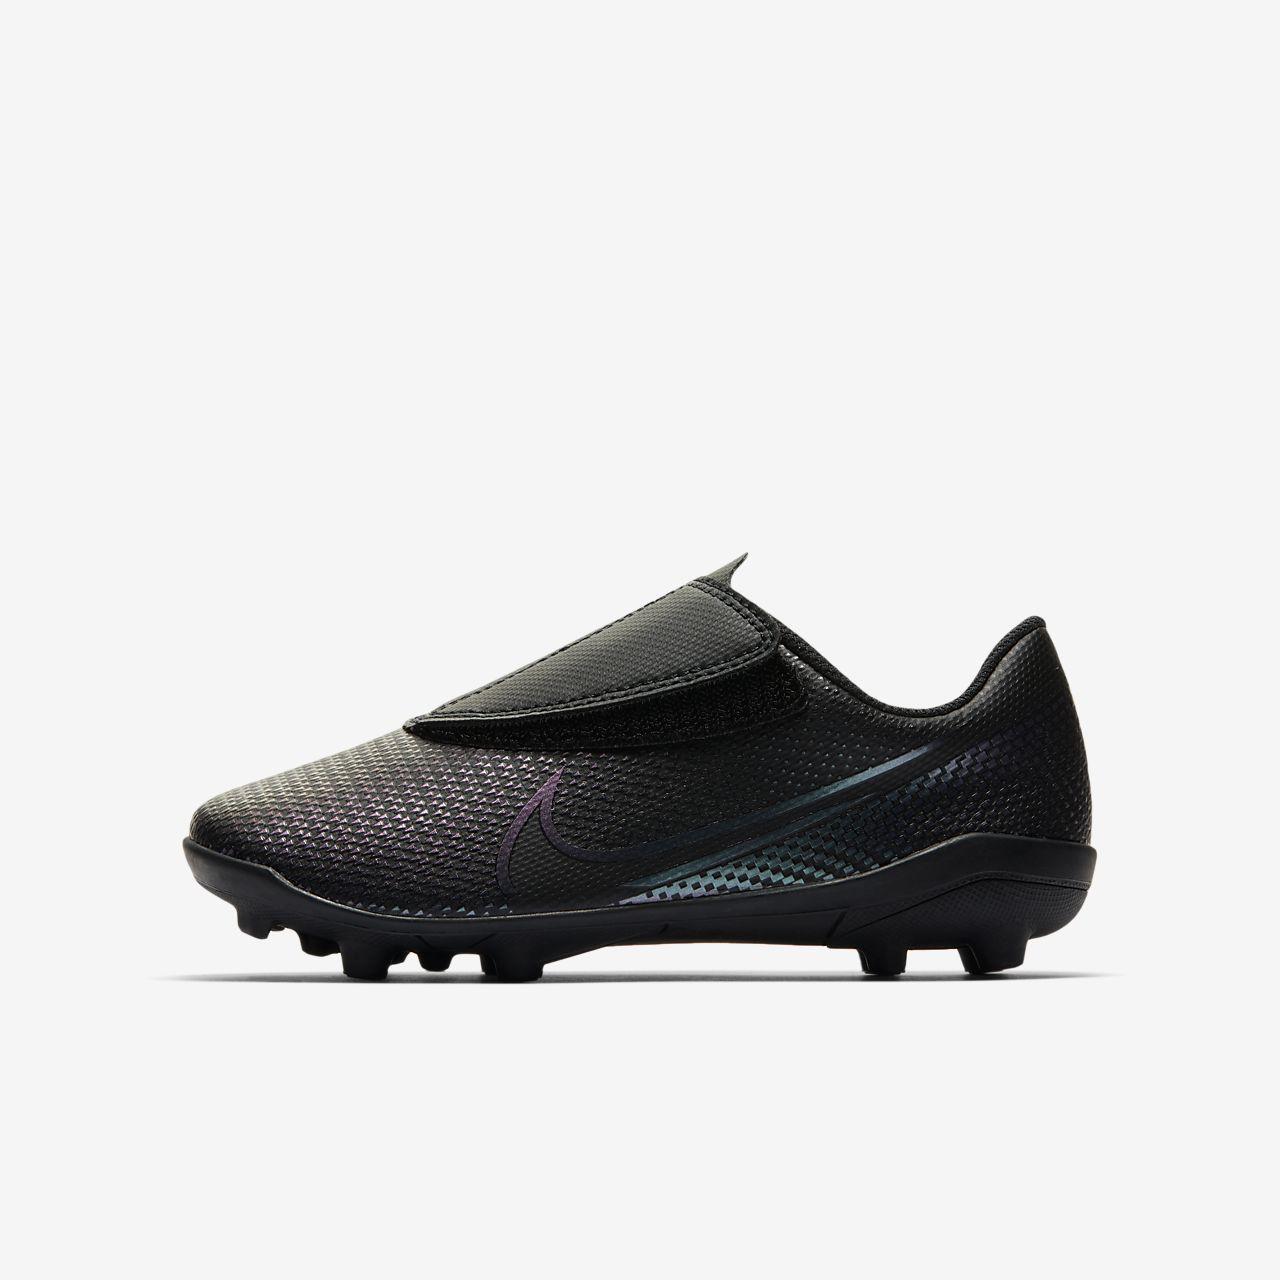 Calzado de fútbol multiterreno para infantes y niños pequeños Nike Jr. Mercurial Vapor 13 Club MG